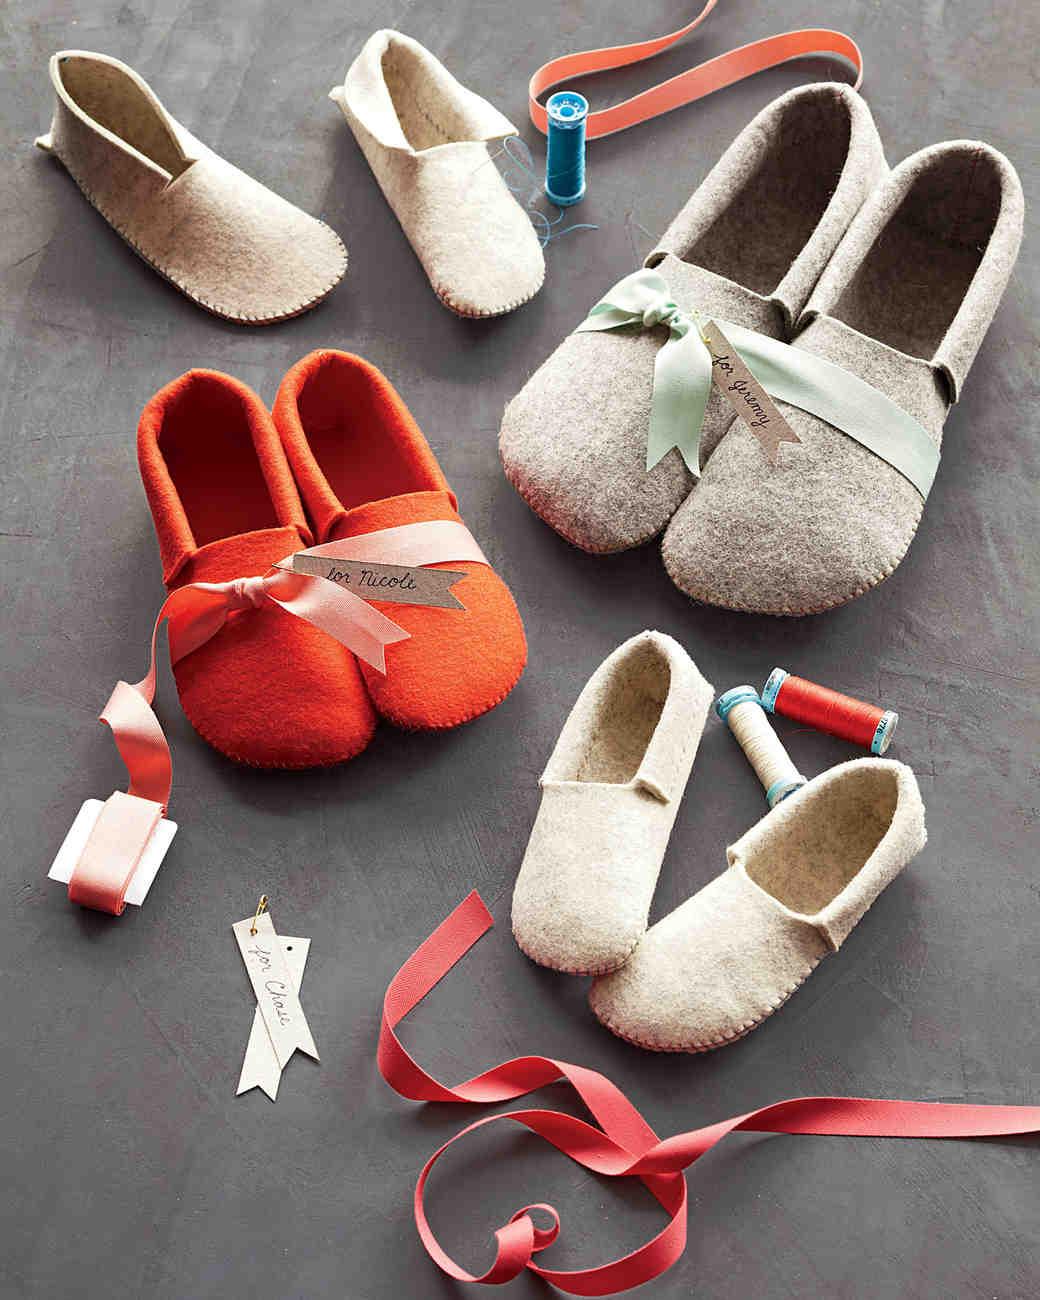 felt-slippers-md107878.jpg